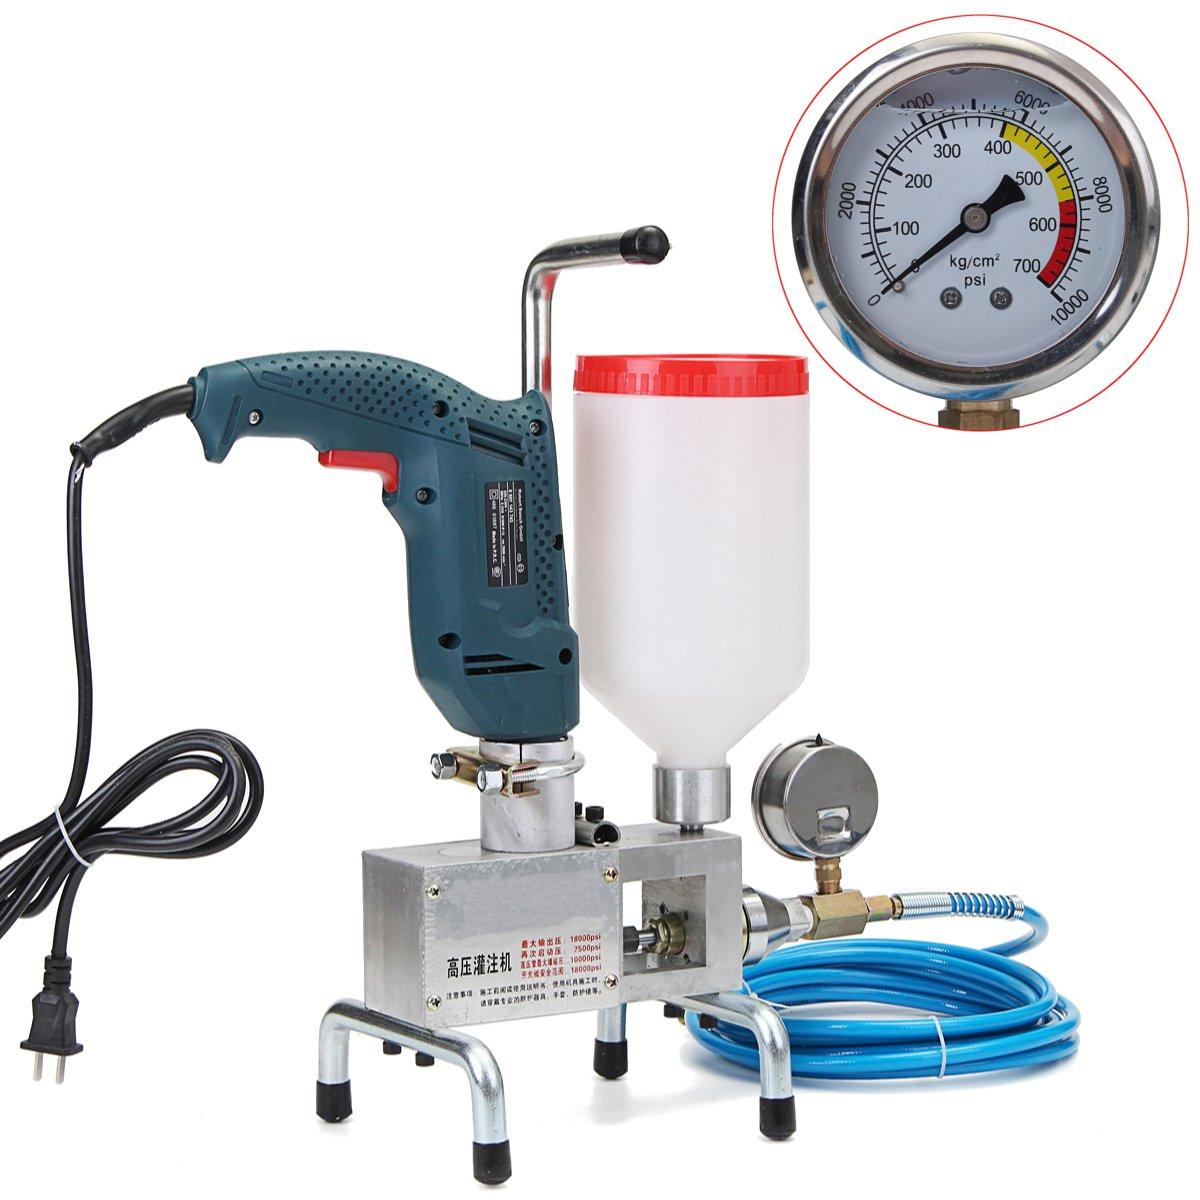 Elektrische Epoxy Injection Kolbenpumpe Polyurethanschaum Verfugen stahl Maschine